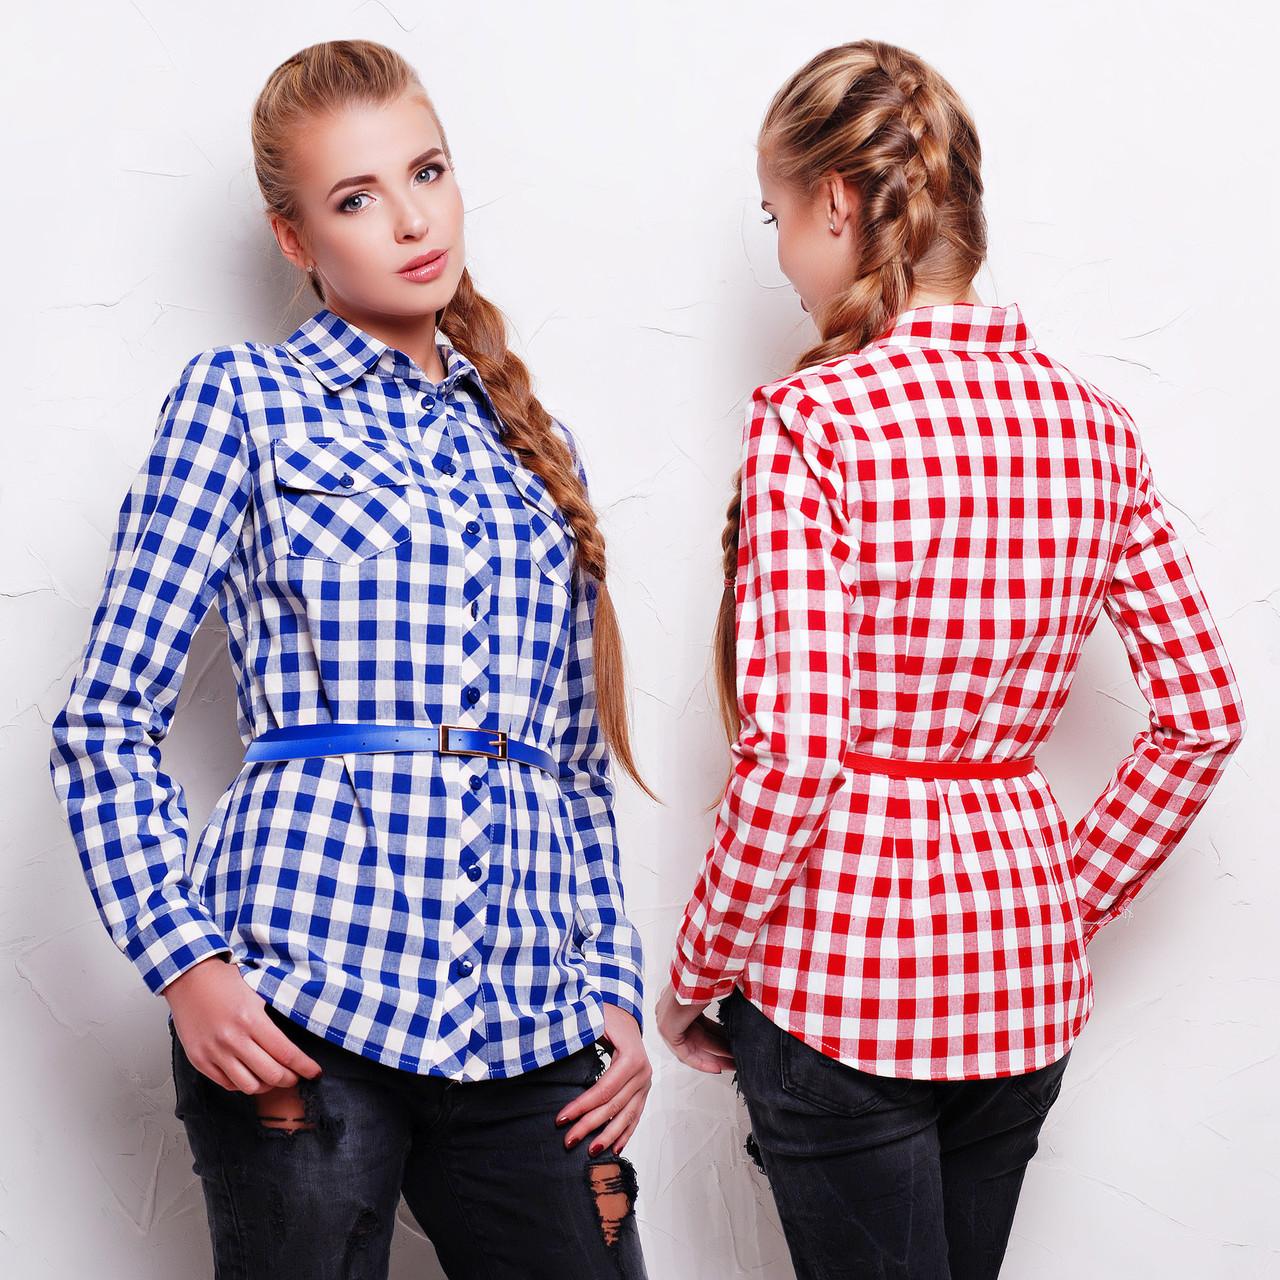 7a0a0430fcd Купить Женская удлиненная клетчатая рубашка из фланели с ремешком по ...